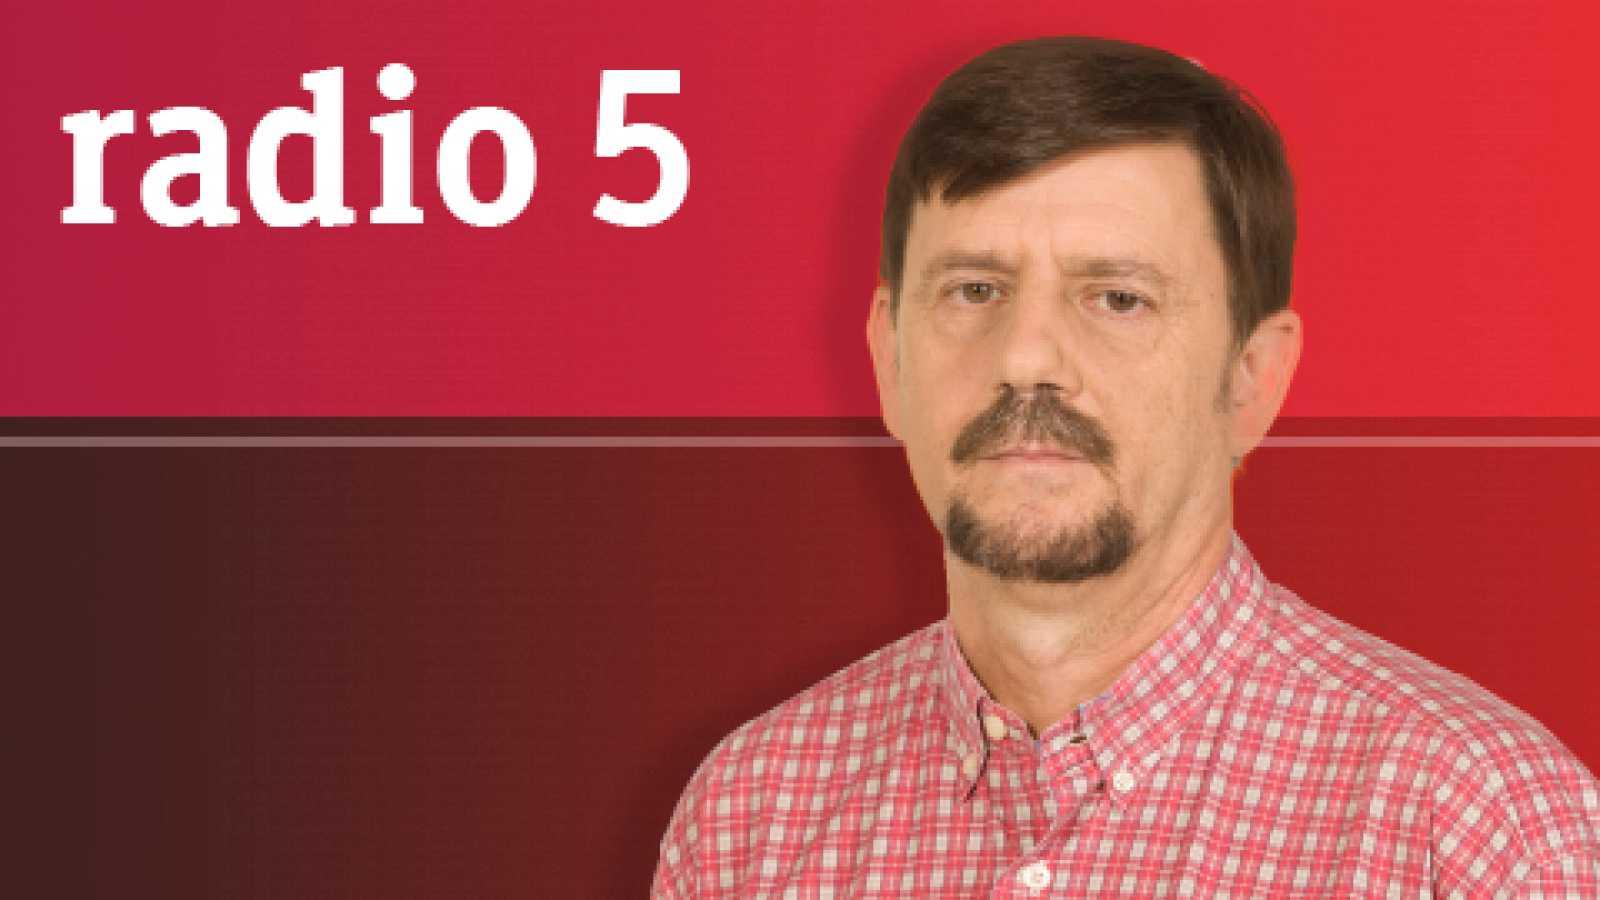 Españoles en la mar en Radio 5 - Guía educativa de pesca sostenible - 10/03/20 - escuchar ahora